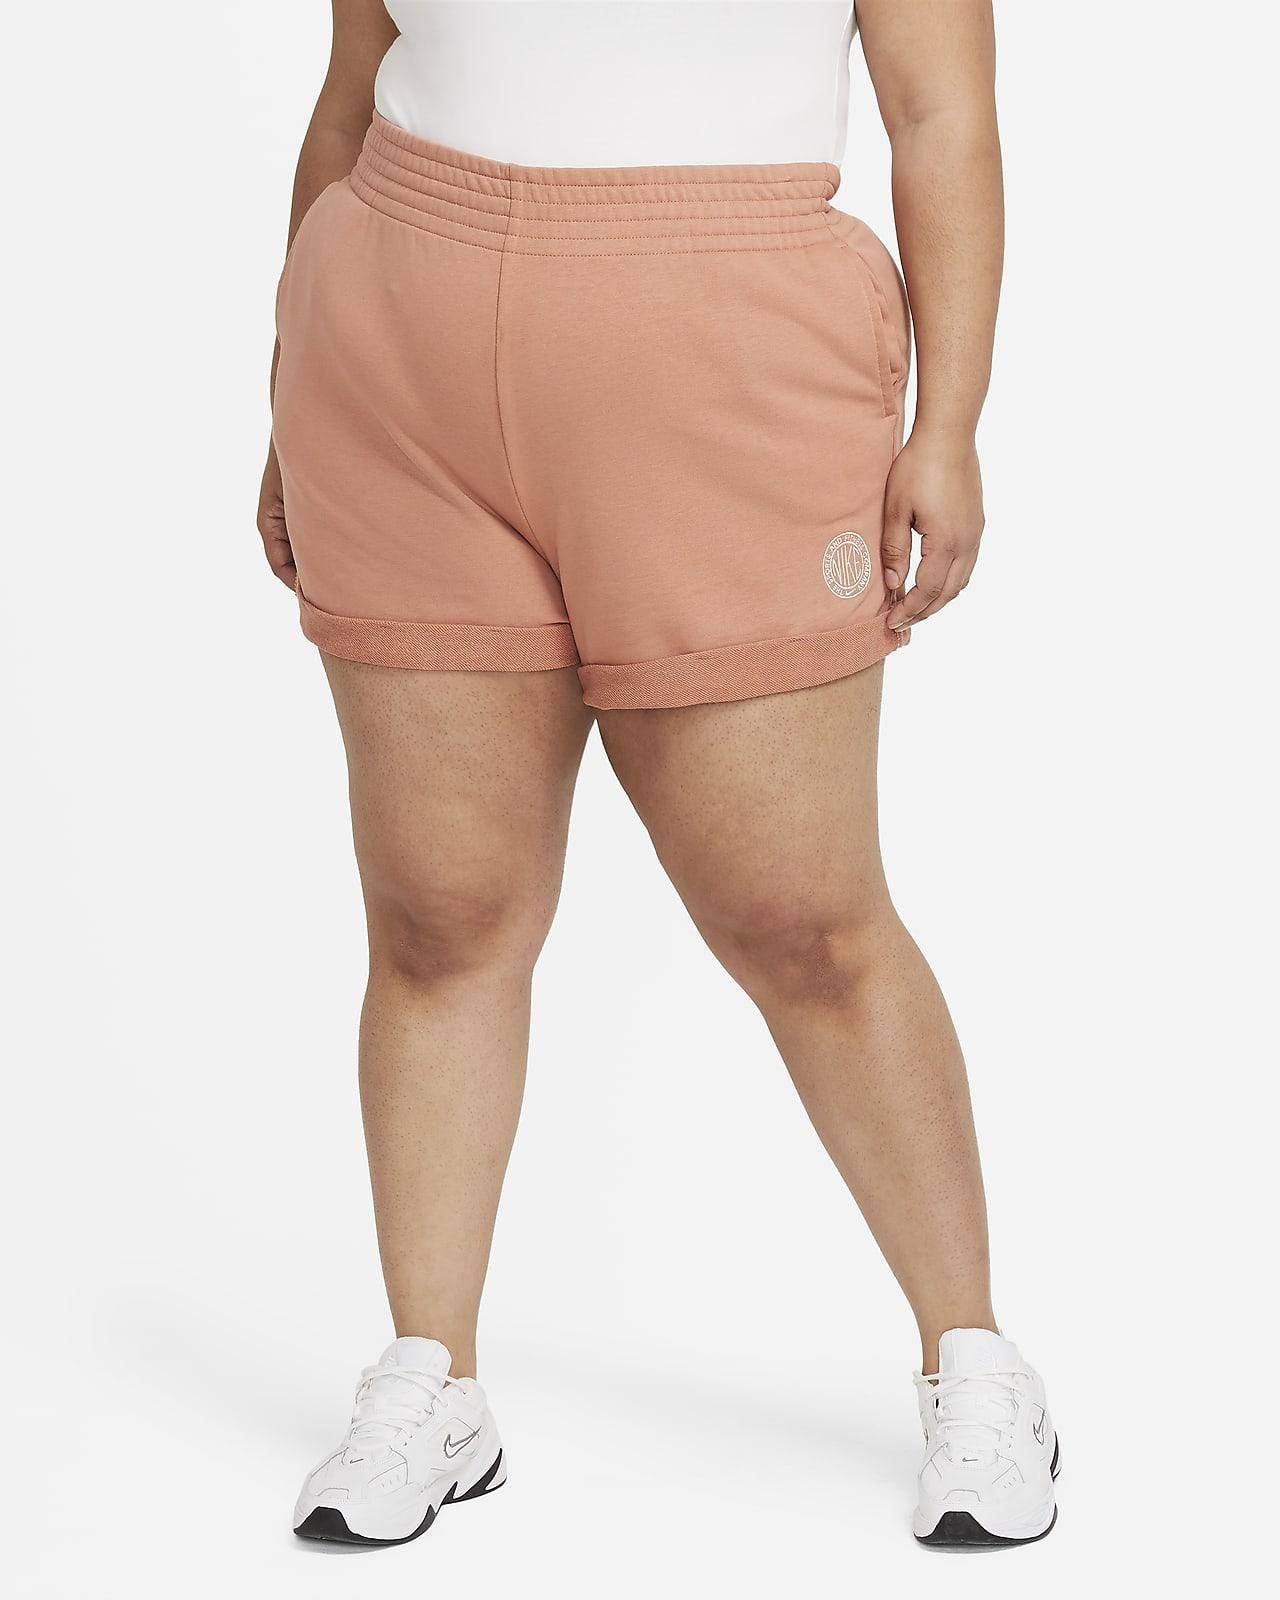 Shorts para mujer (talla grande) Nike Sportswear Femme